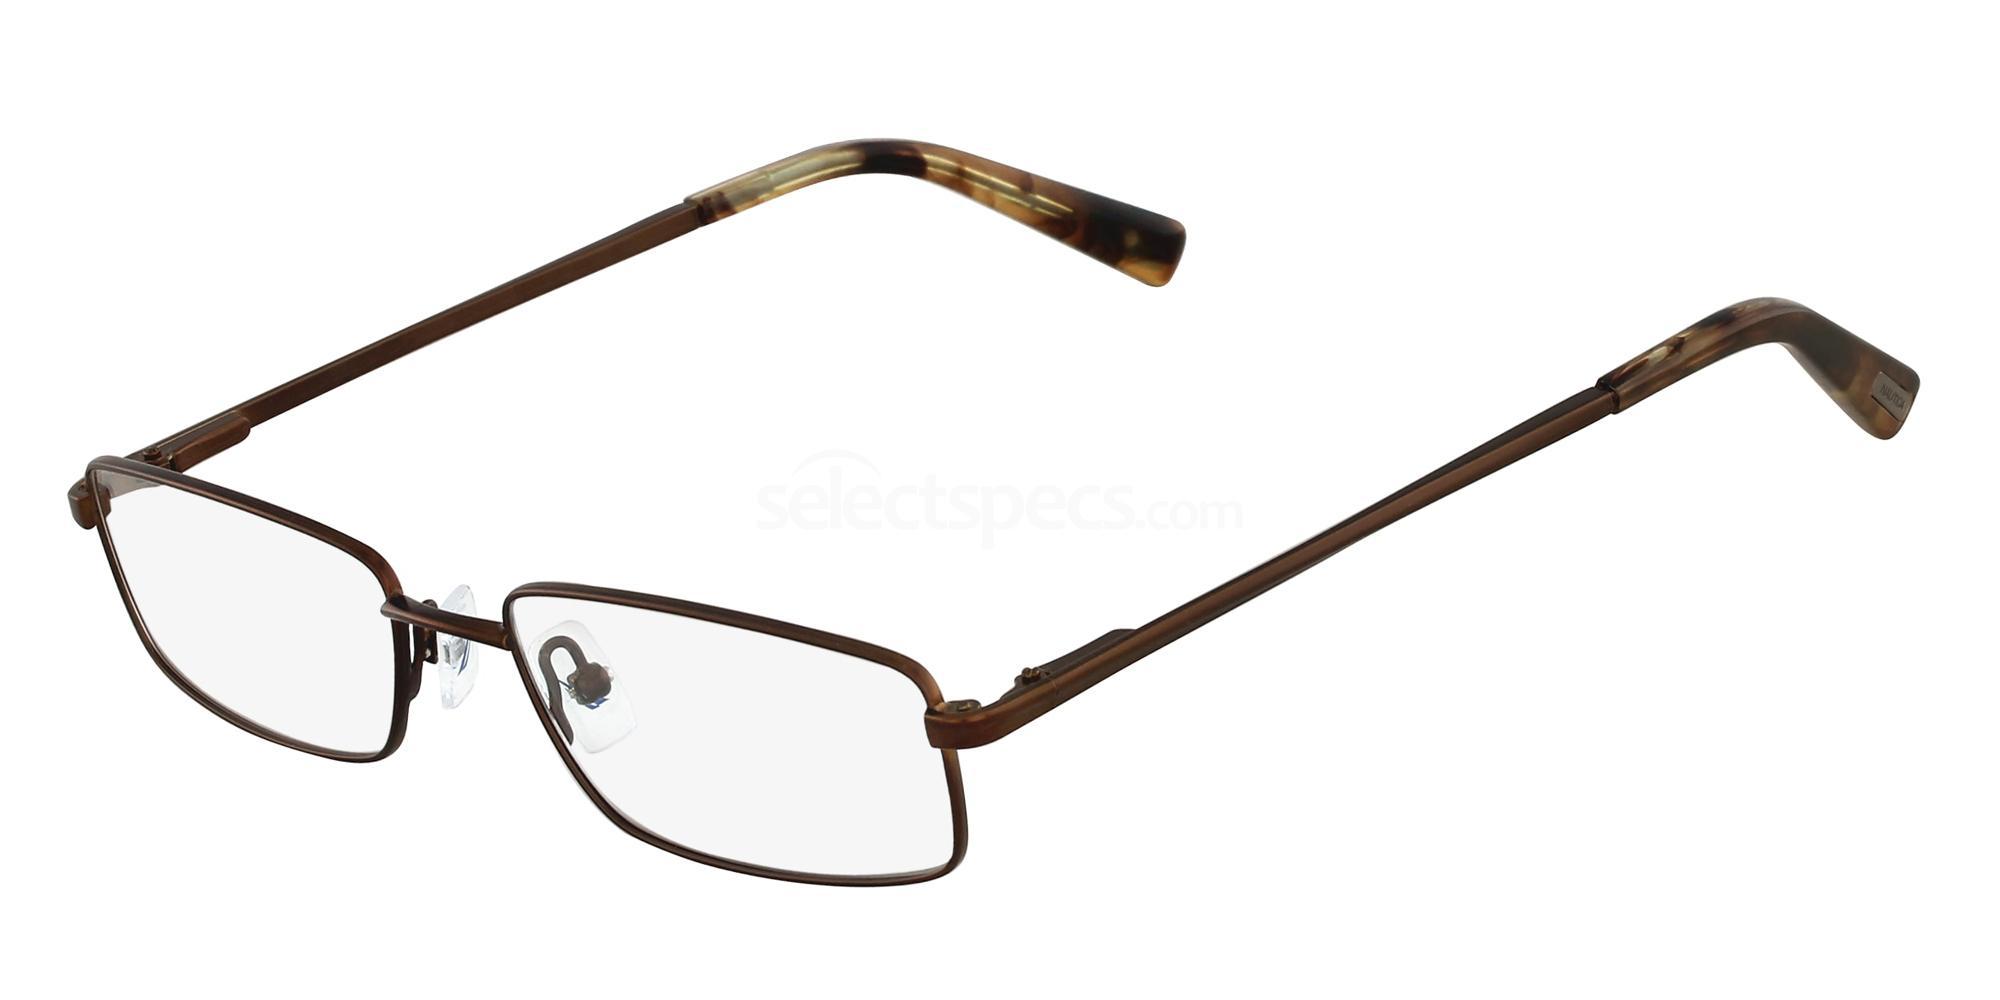 006 N7161 Glasses, Nautica